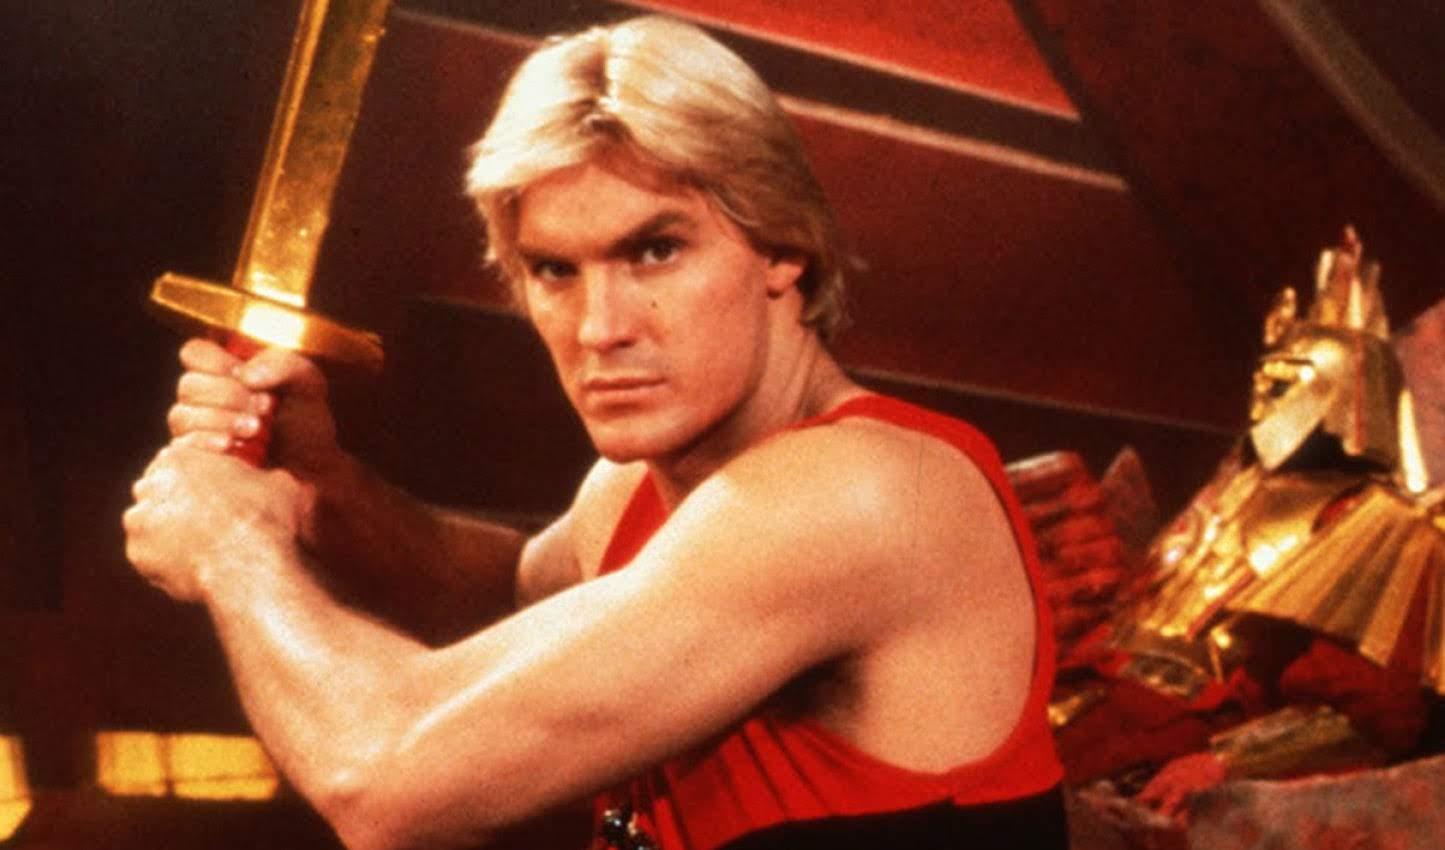 Flash Gordon :「ボヘミアン・ラプソディ」が間もなく全米公開の FOX が、クイーンの主題歌で知られるスペースオペラのヒーローを復活させる「フラッシュ・ゴードン」の新監督を決定 ! !